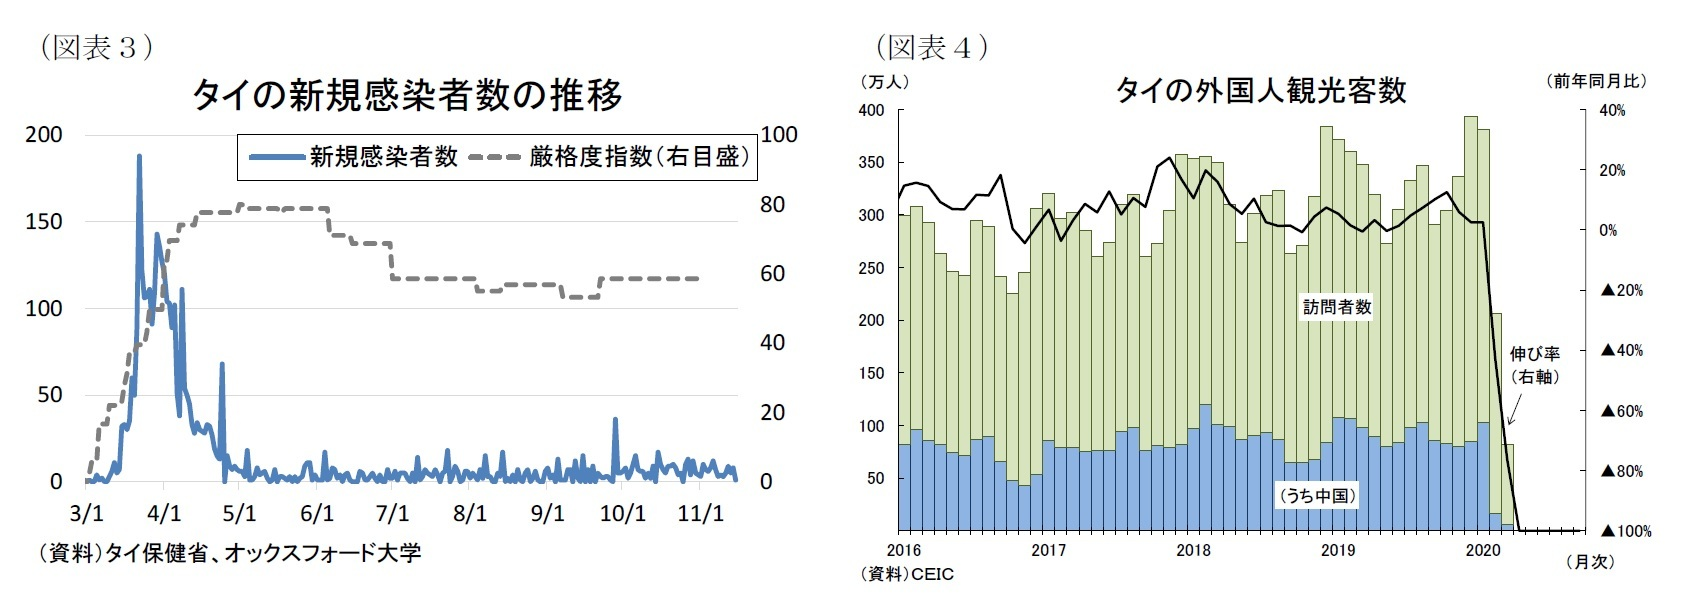 (図表3)タイの新規感染者数の推移/(図表4)タイの外国人観光客数